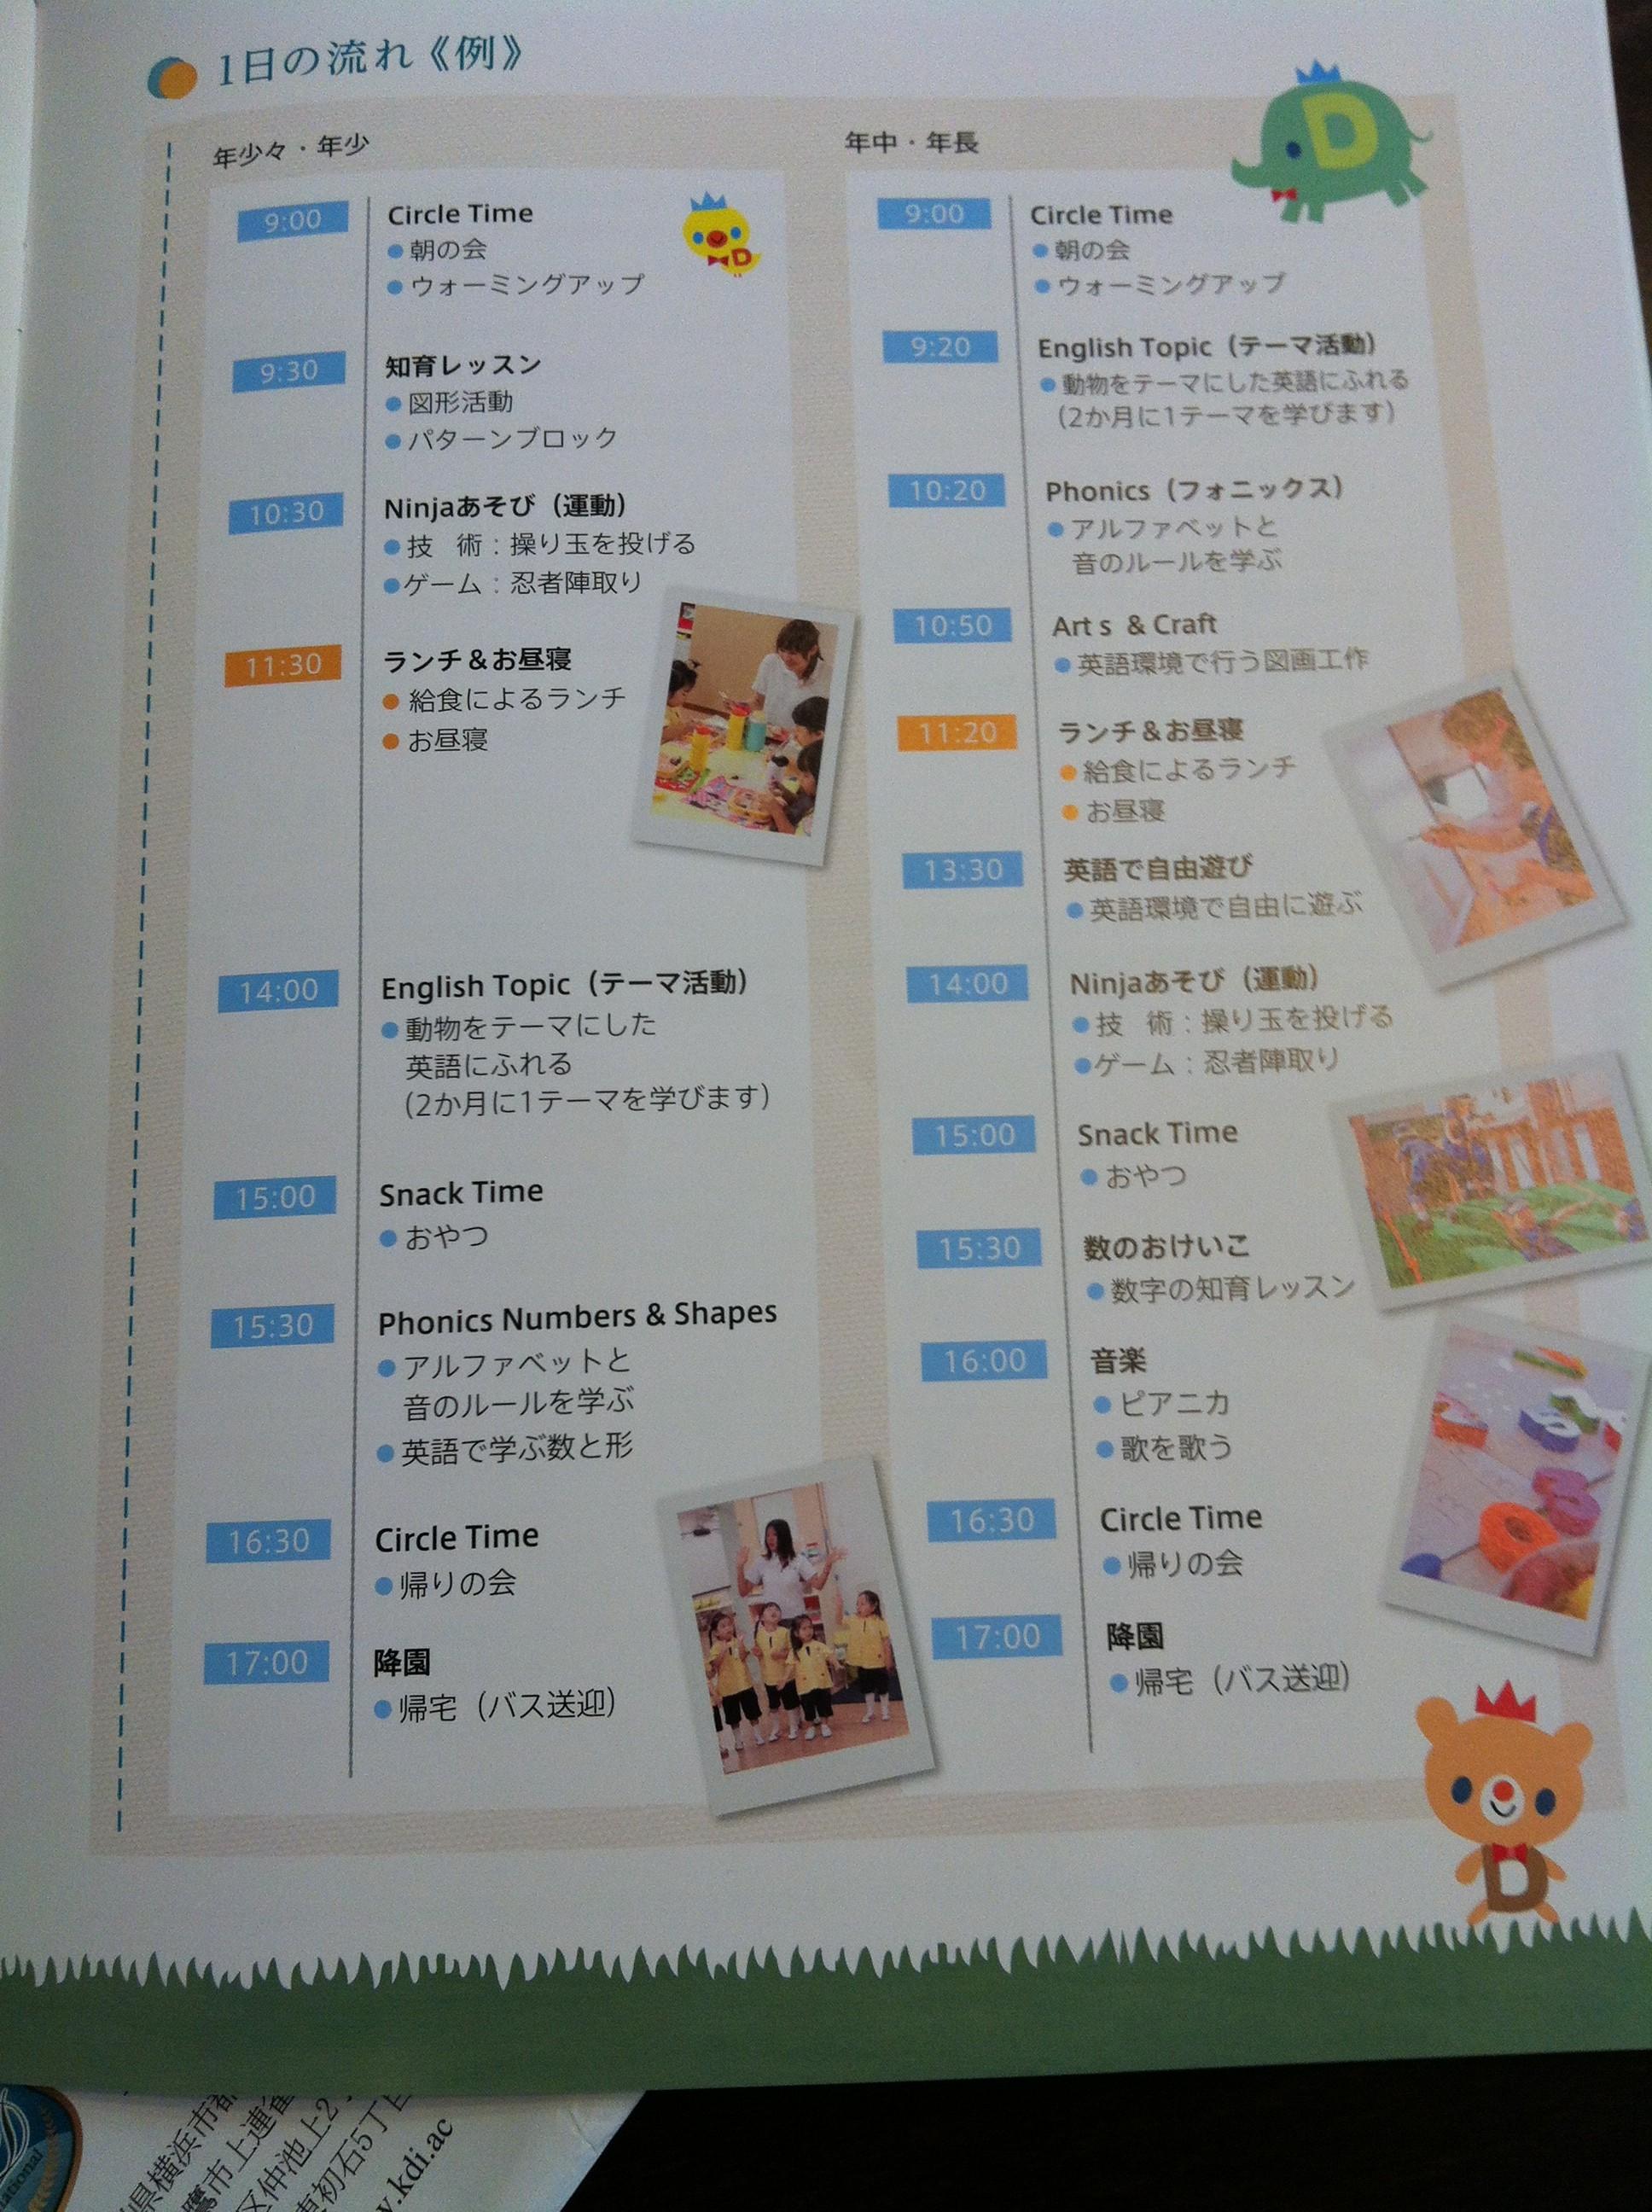 キッズデュオ(kids duo)の説明会で配られたパンフレット18ページ目の画像キャプチャ